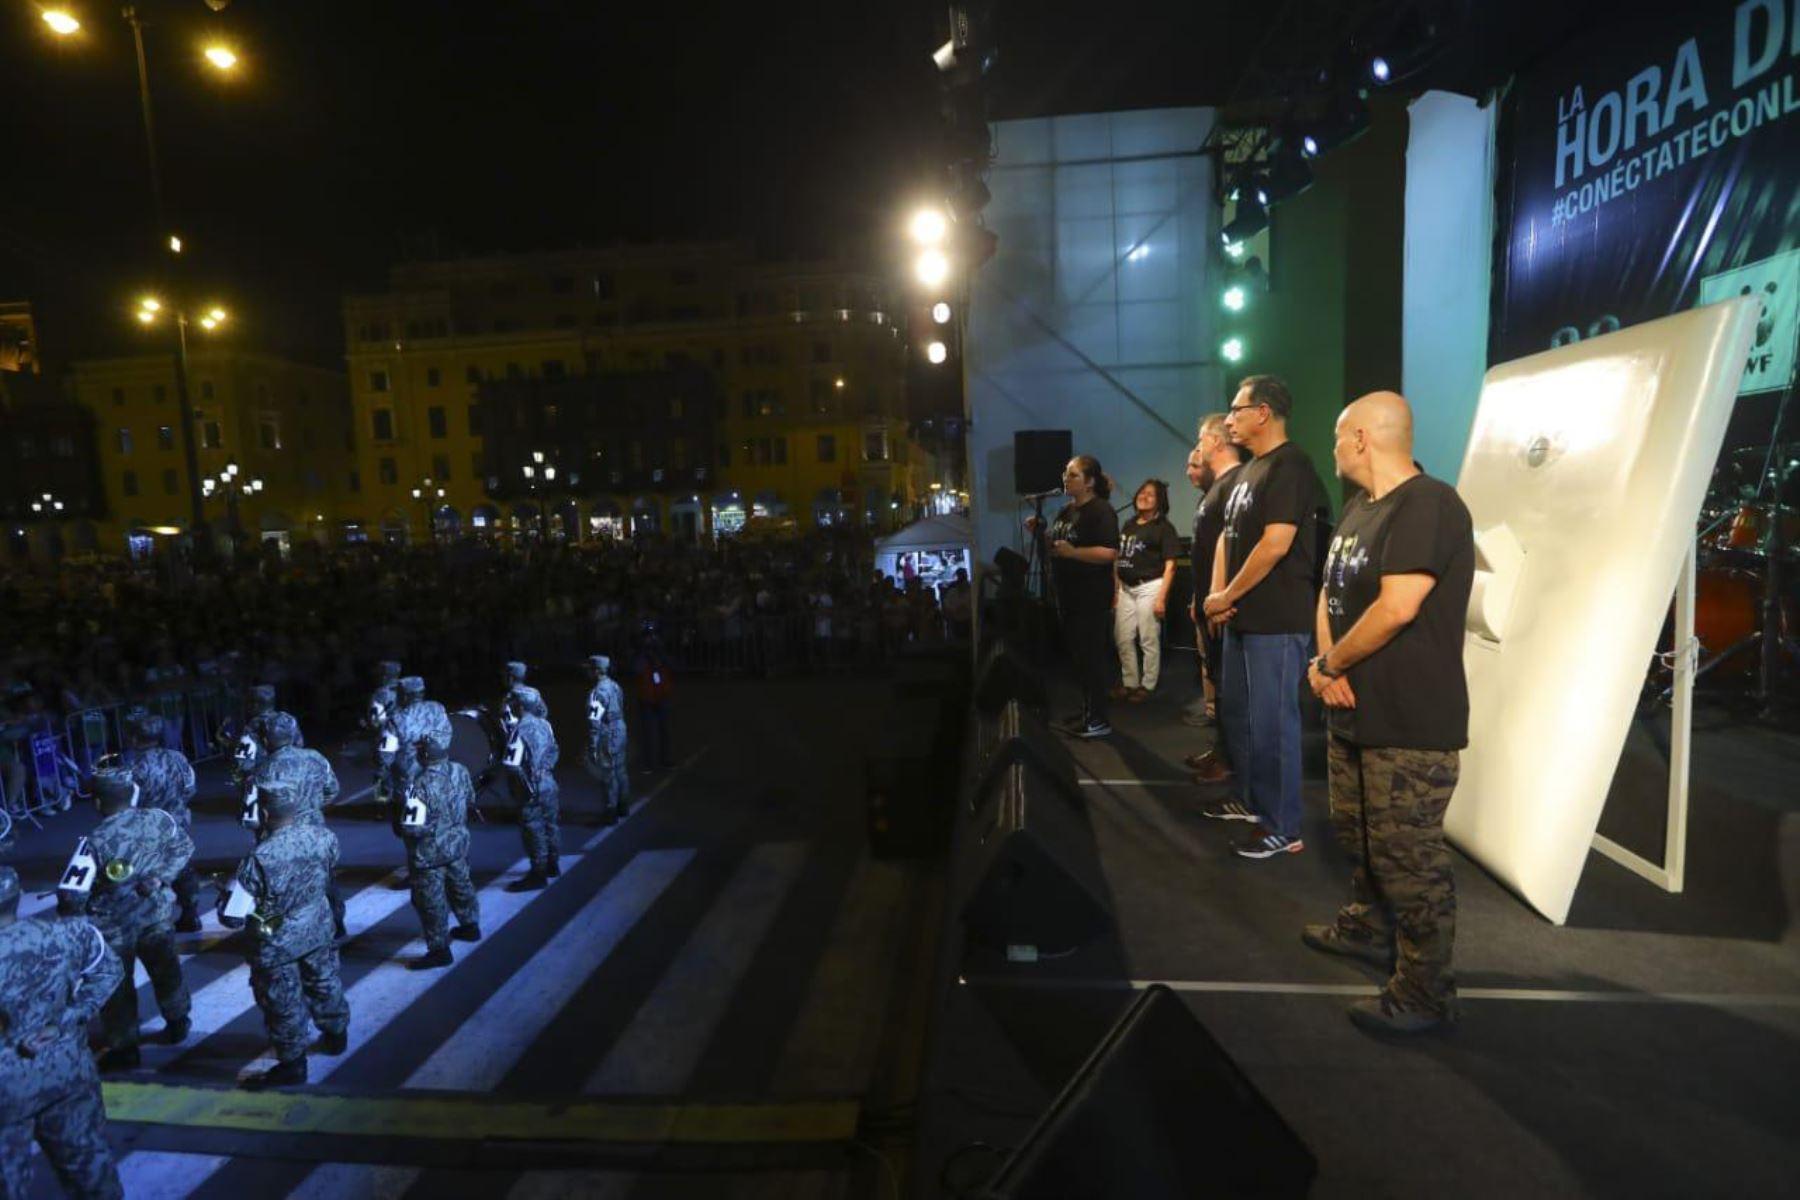 Presidente Martín Vizcarra acompaña al alcalde Jorge Muñoz y a la sociedad civil en el acto simbólico por la hora del planeta realizado en la Plaza de Armas de LIma.  Foto: ANDINA/Prensa Presidencia